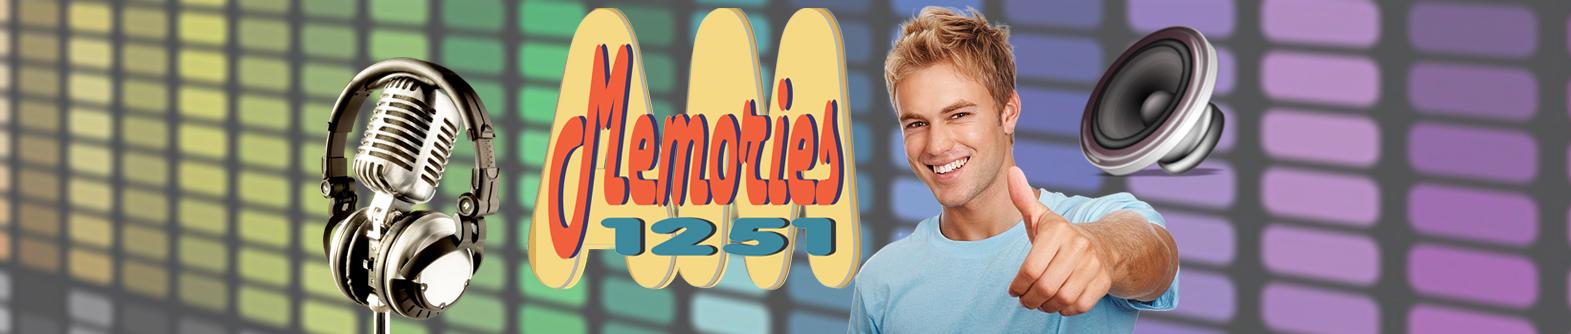 Memories 1251 kHz